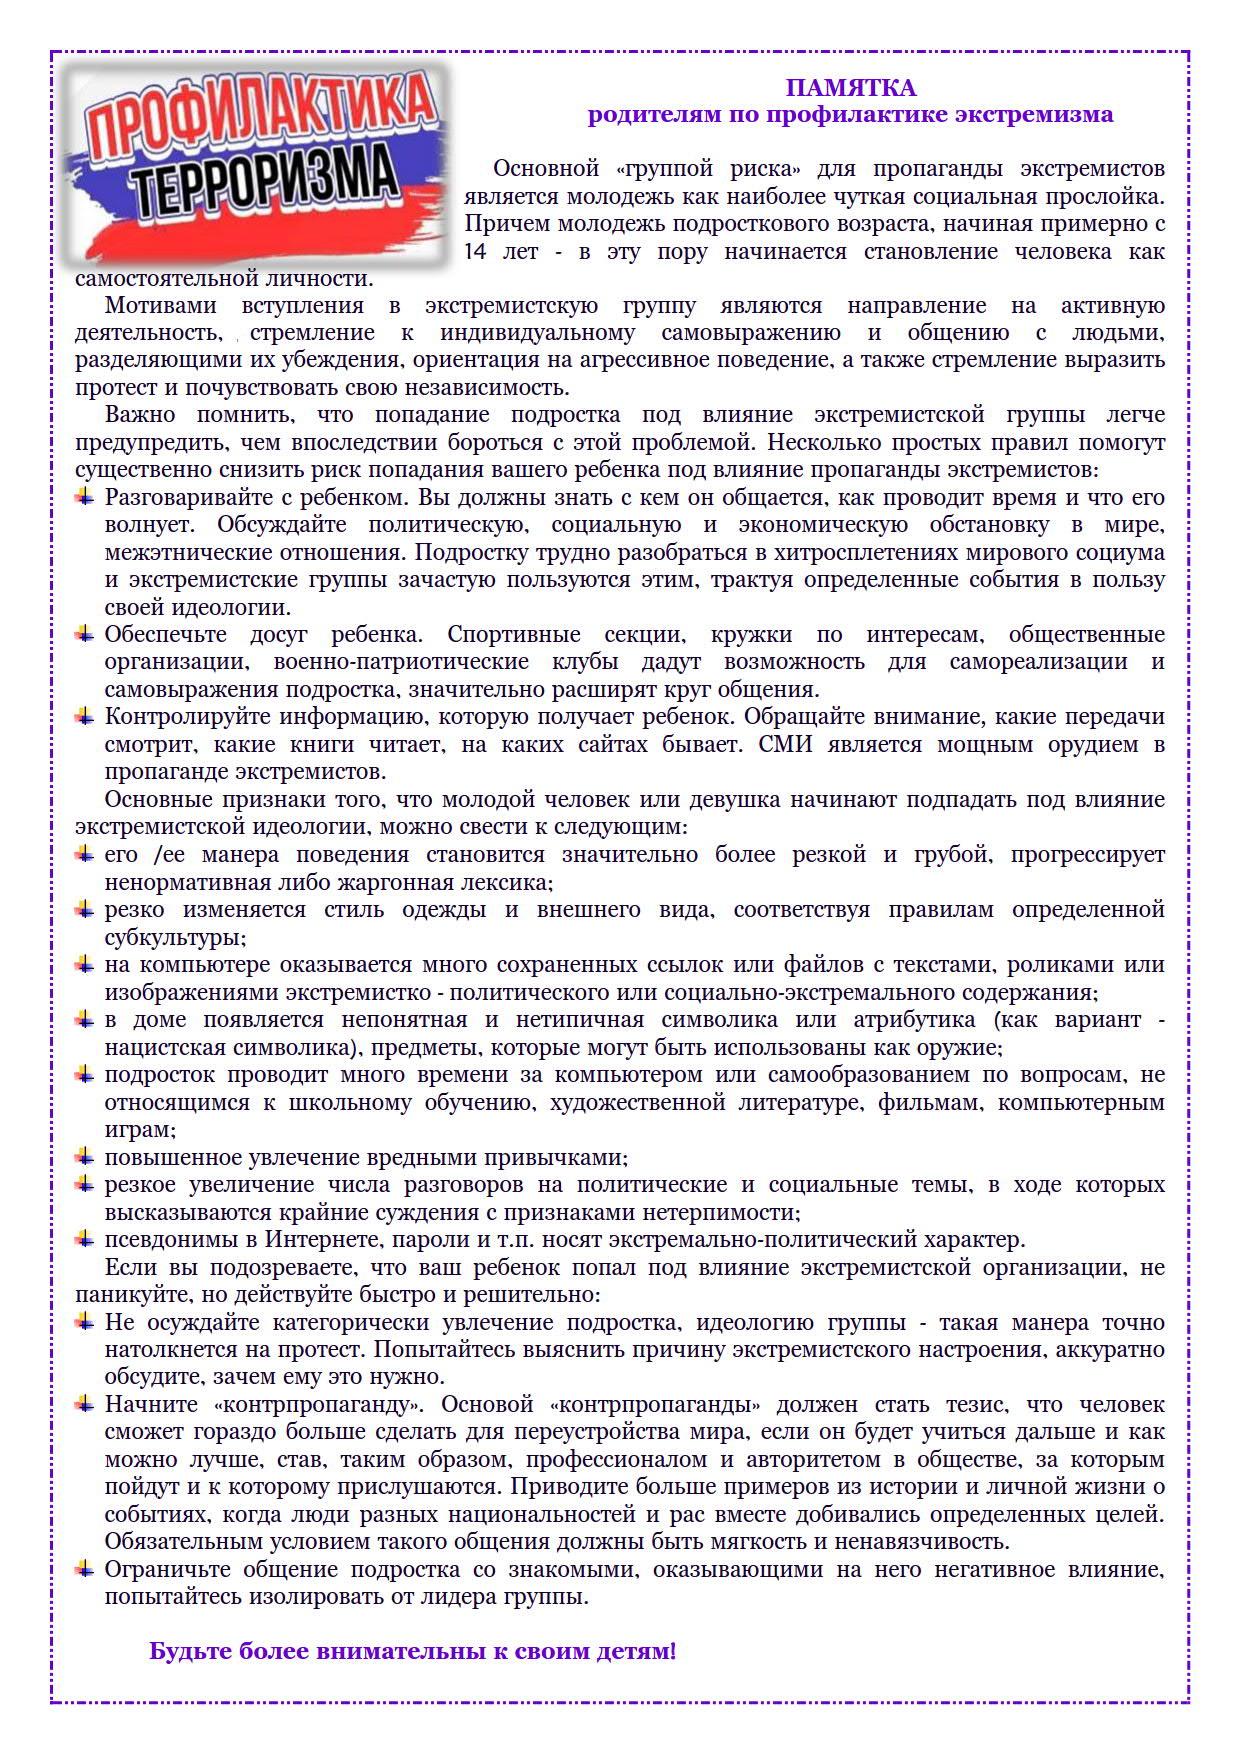 ПАМЯТКА родителям по профилактике экстремизма_1